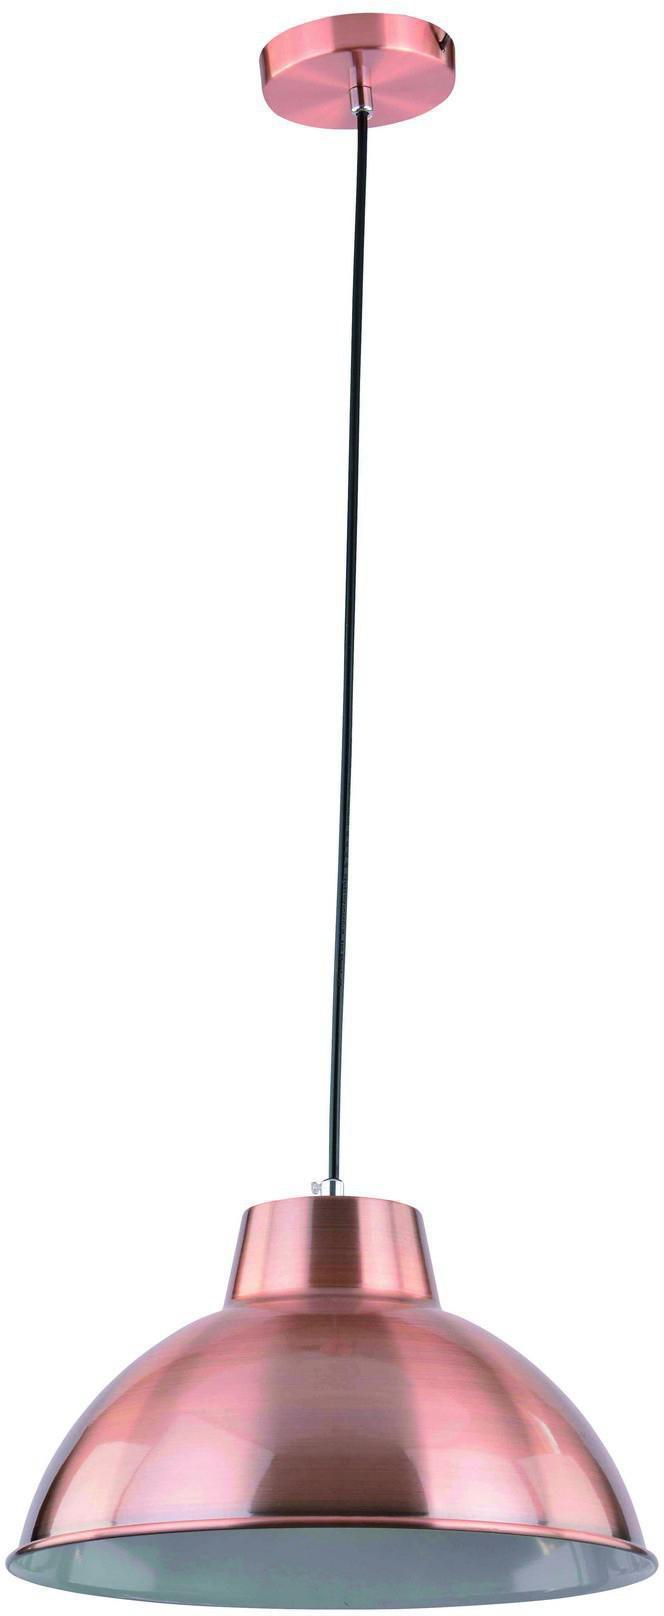 Ledko LED Lampe haengende kupfer 5W LEDKO/00232